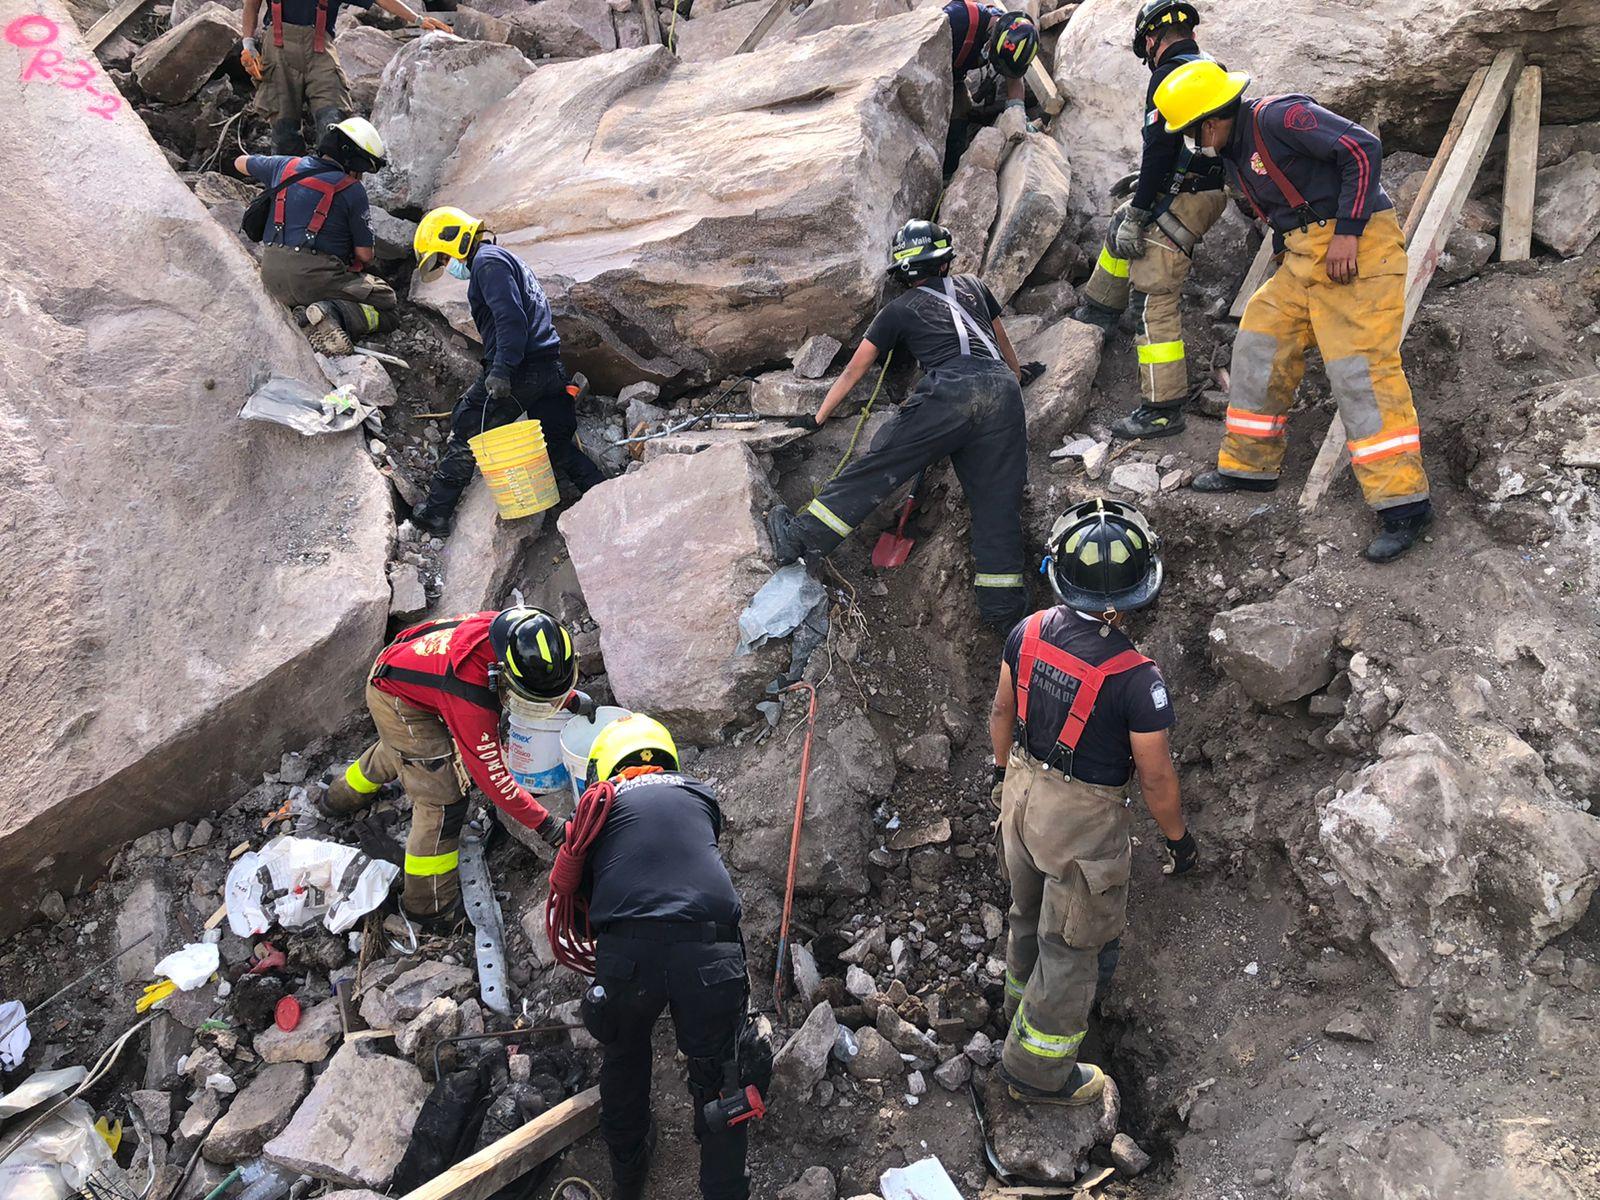 Encontraron restos humanos en derrumbe, pero los trabajos continuan en Tlalnepantla